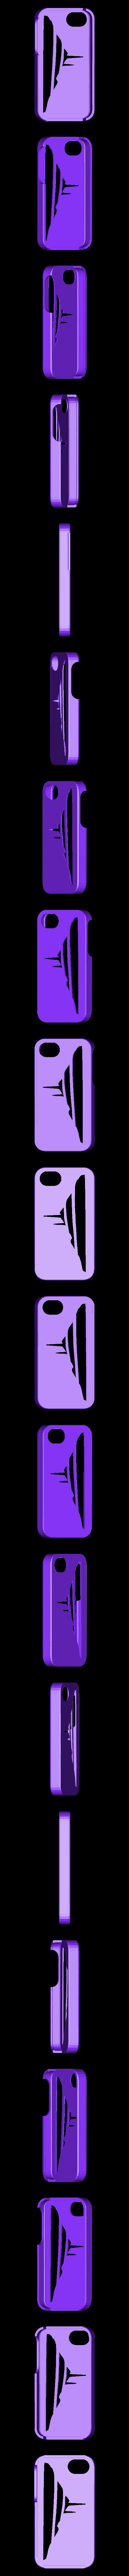 makerbot_customizable_iphone_case_stencil_v3scad_20130313-15472-1shtq0n-0.stl Télécharger fichier STL gratuit Étui à Pochoir Cerro Campana pour iPhone • Plan imprimable en 3D, Cilshell